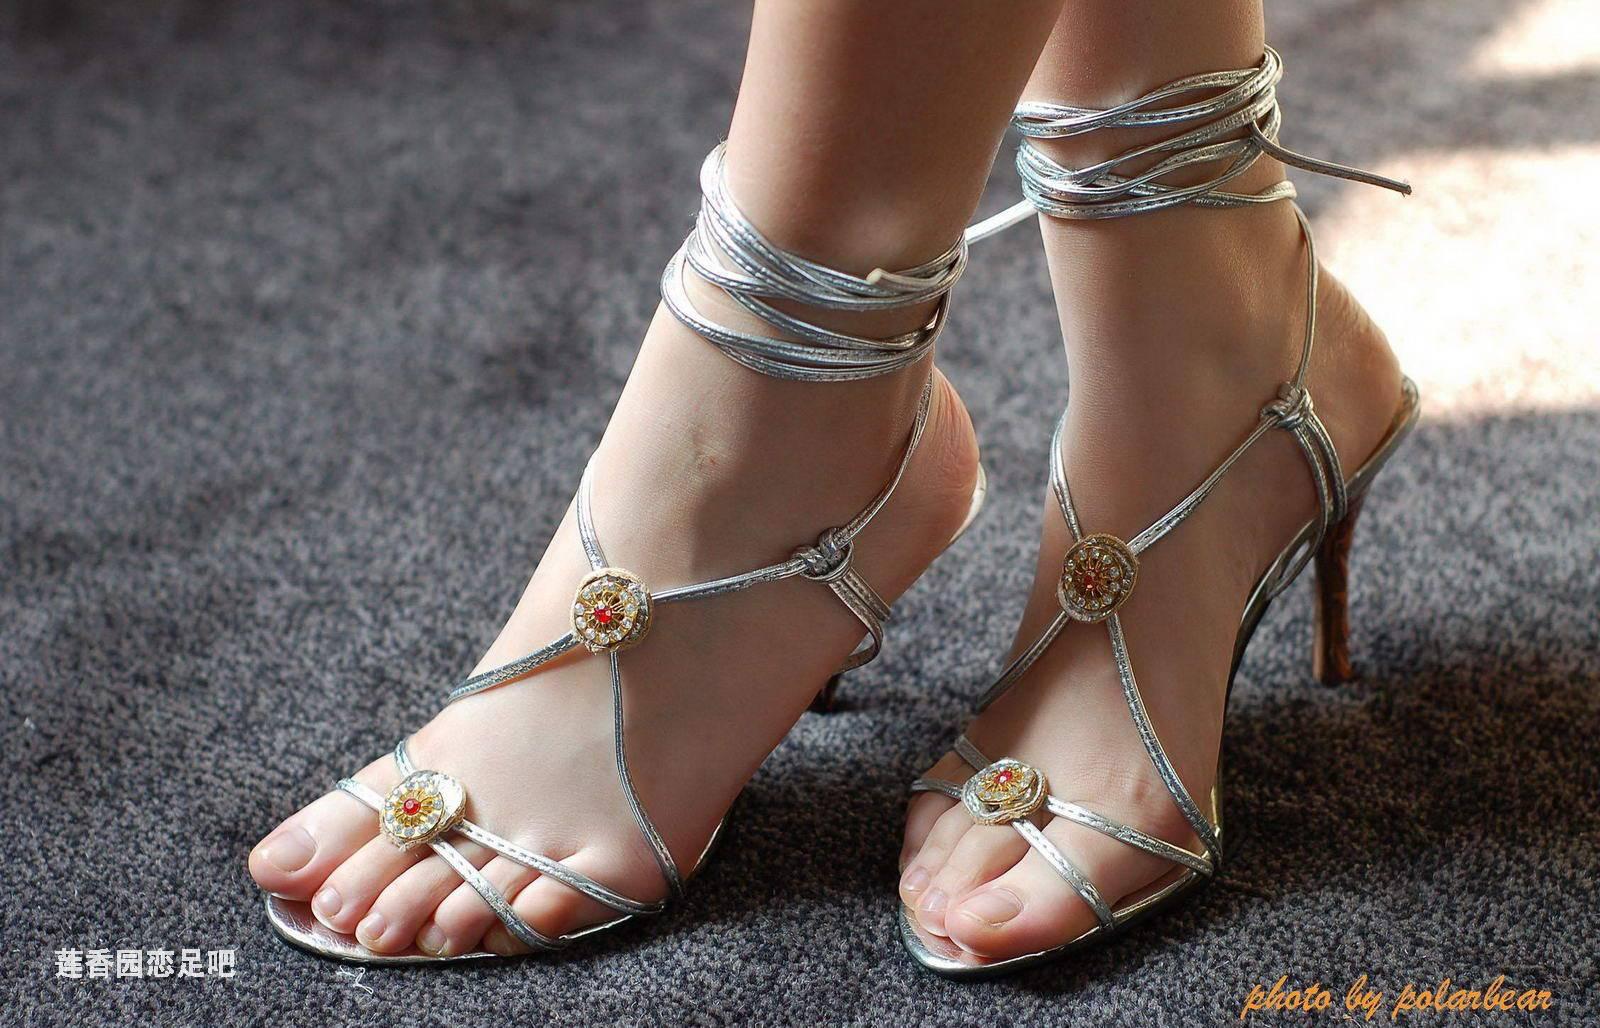 这些女生谁的脚最娇小